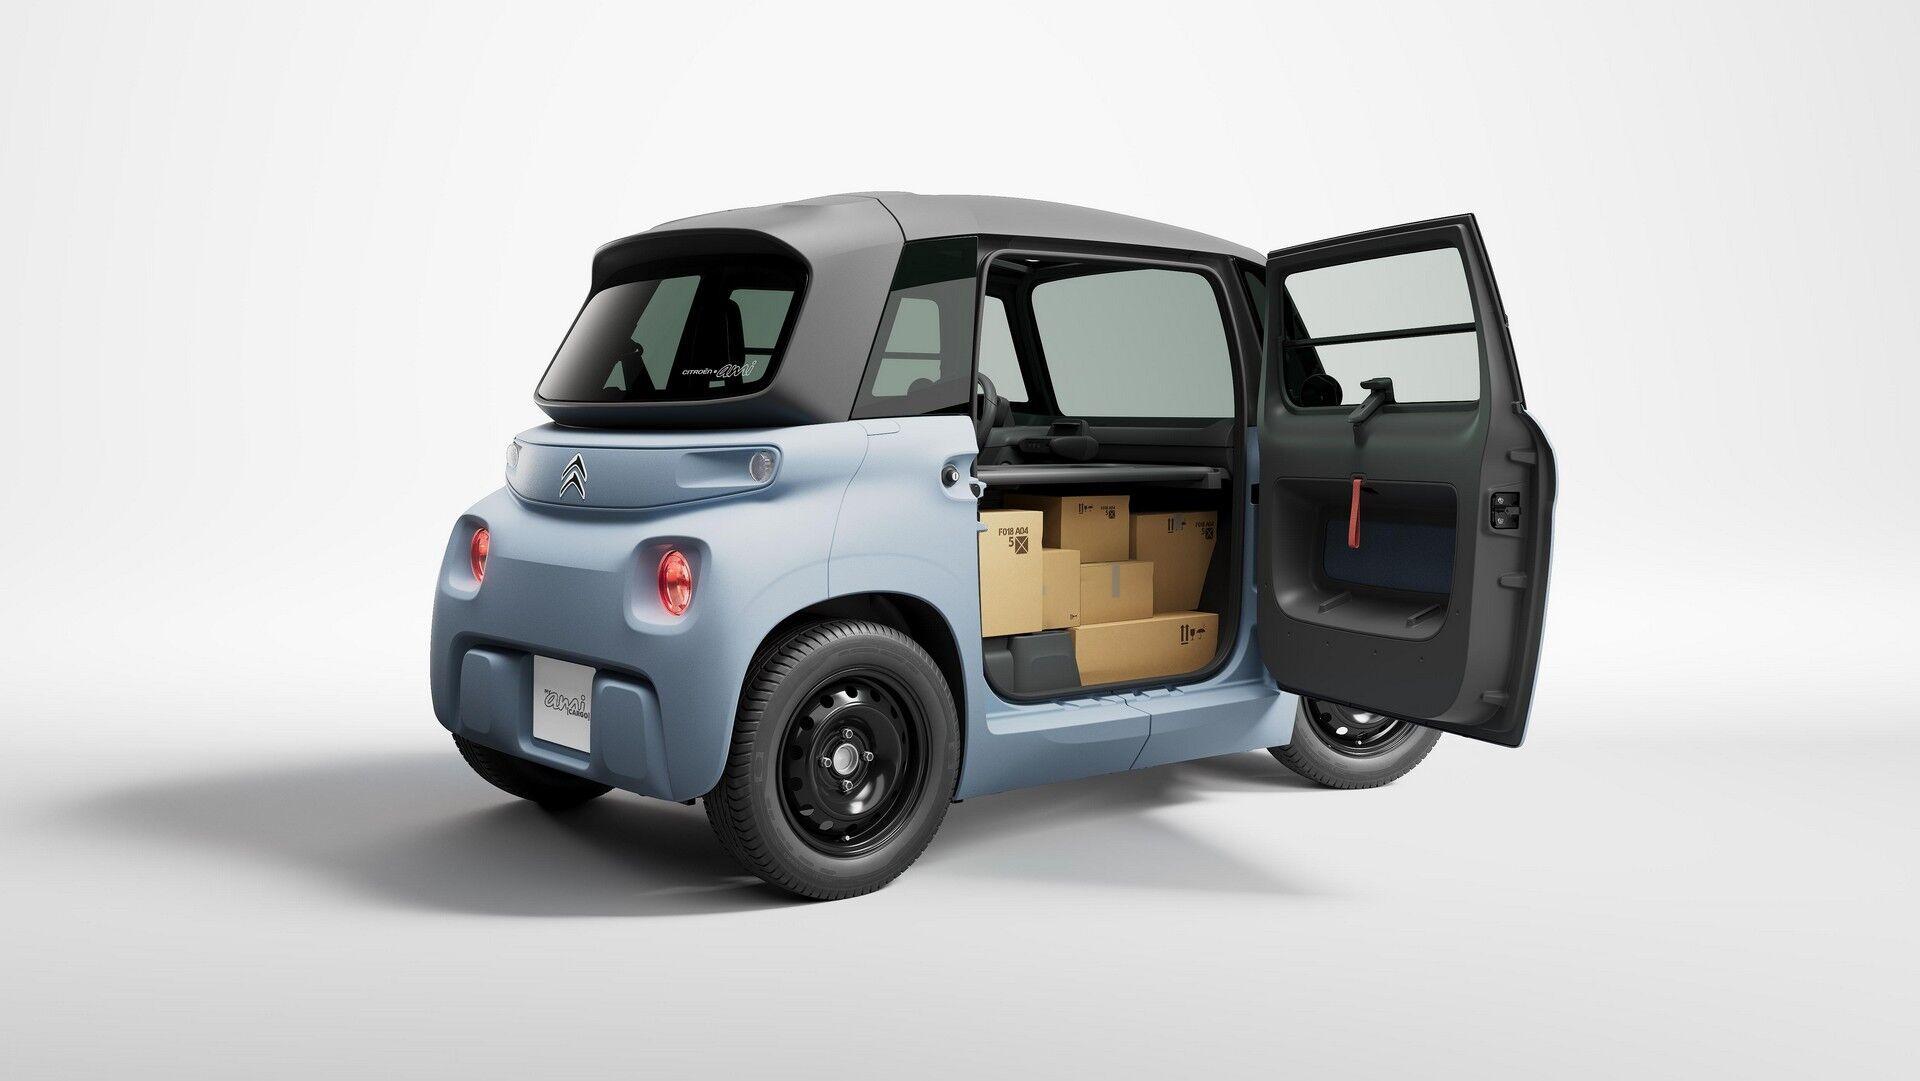 Общий объем перевозимого в авто груза – 400 л